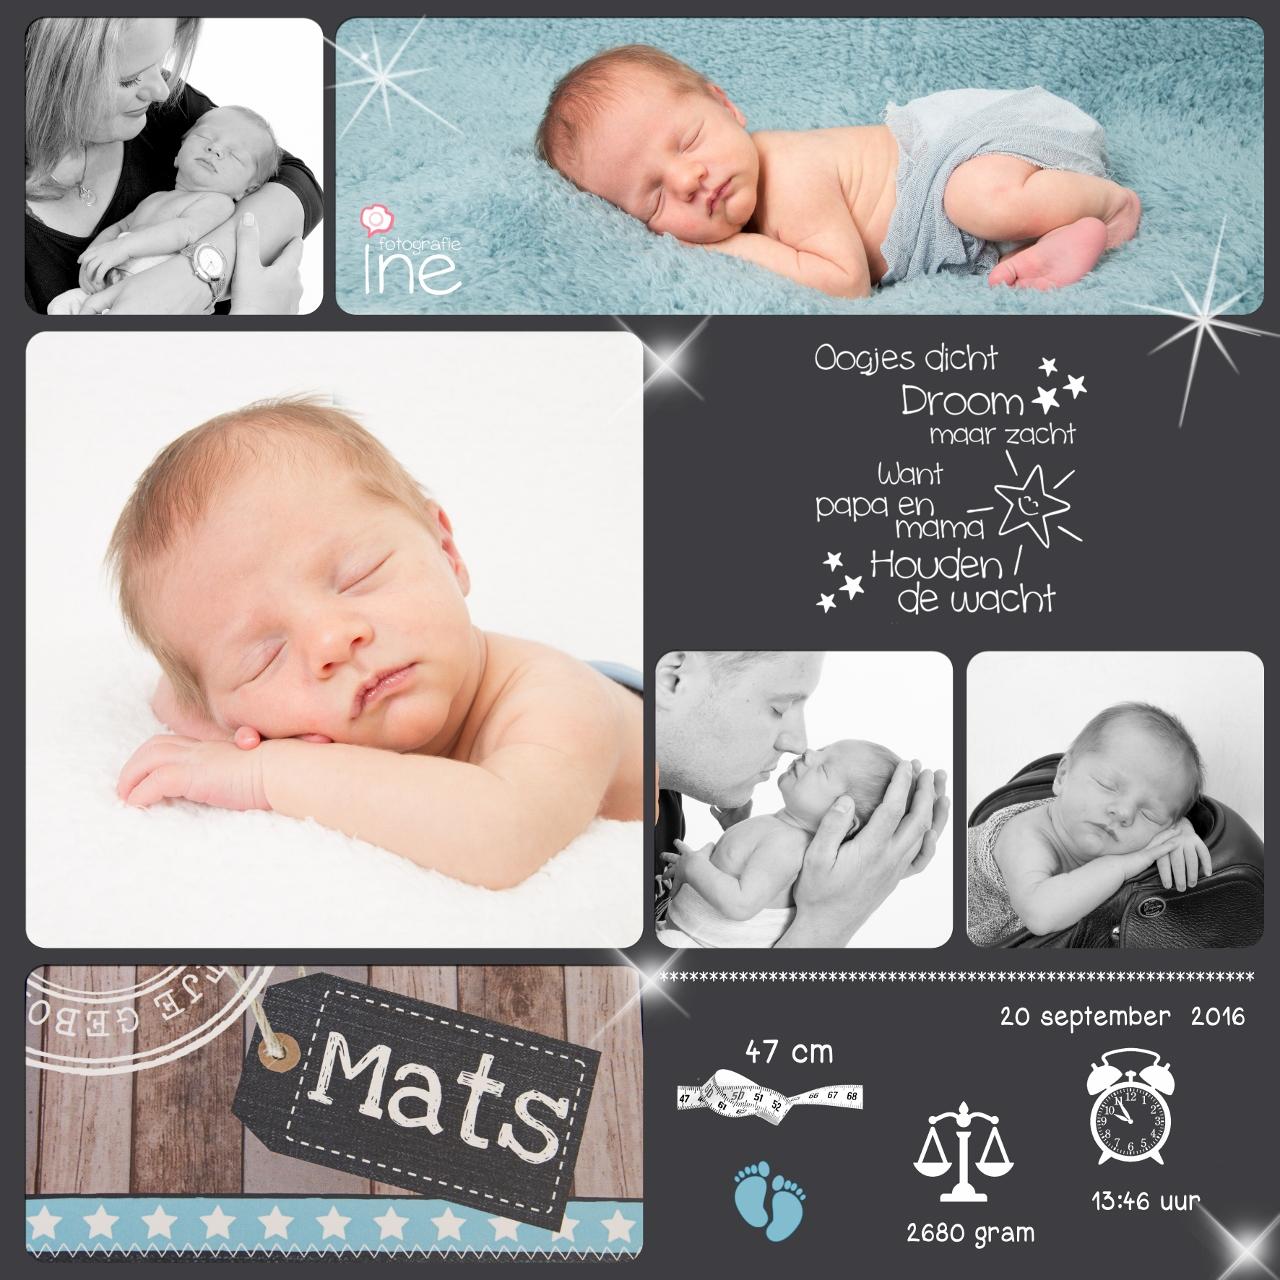 collage-geboorte-tegel-mats-met-logo-1280×1280